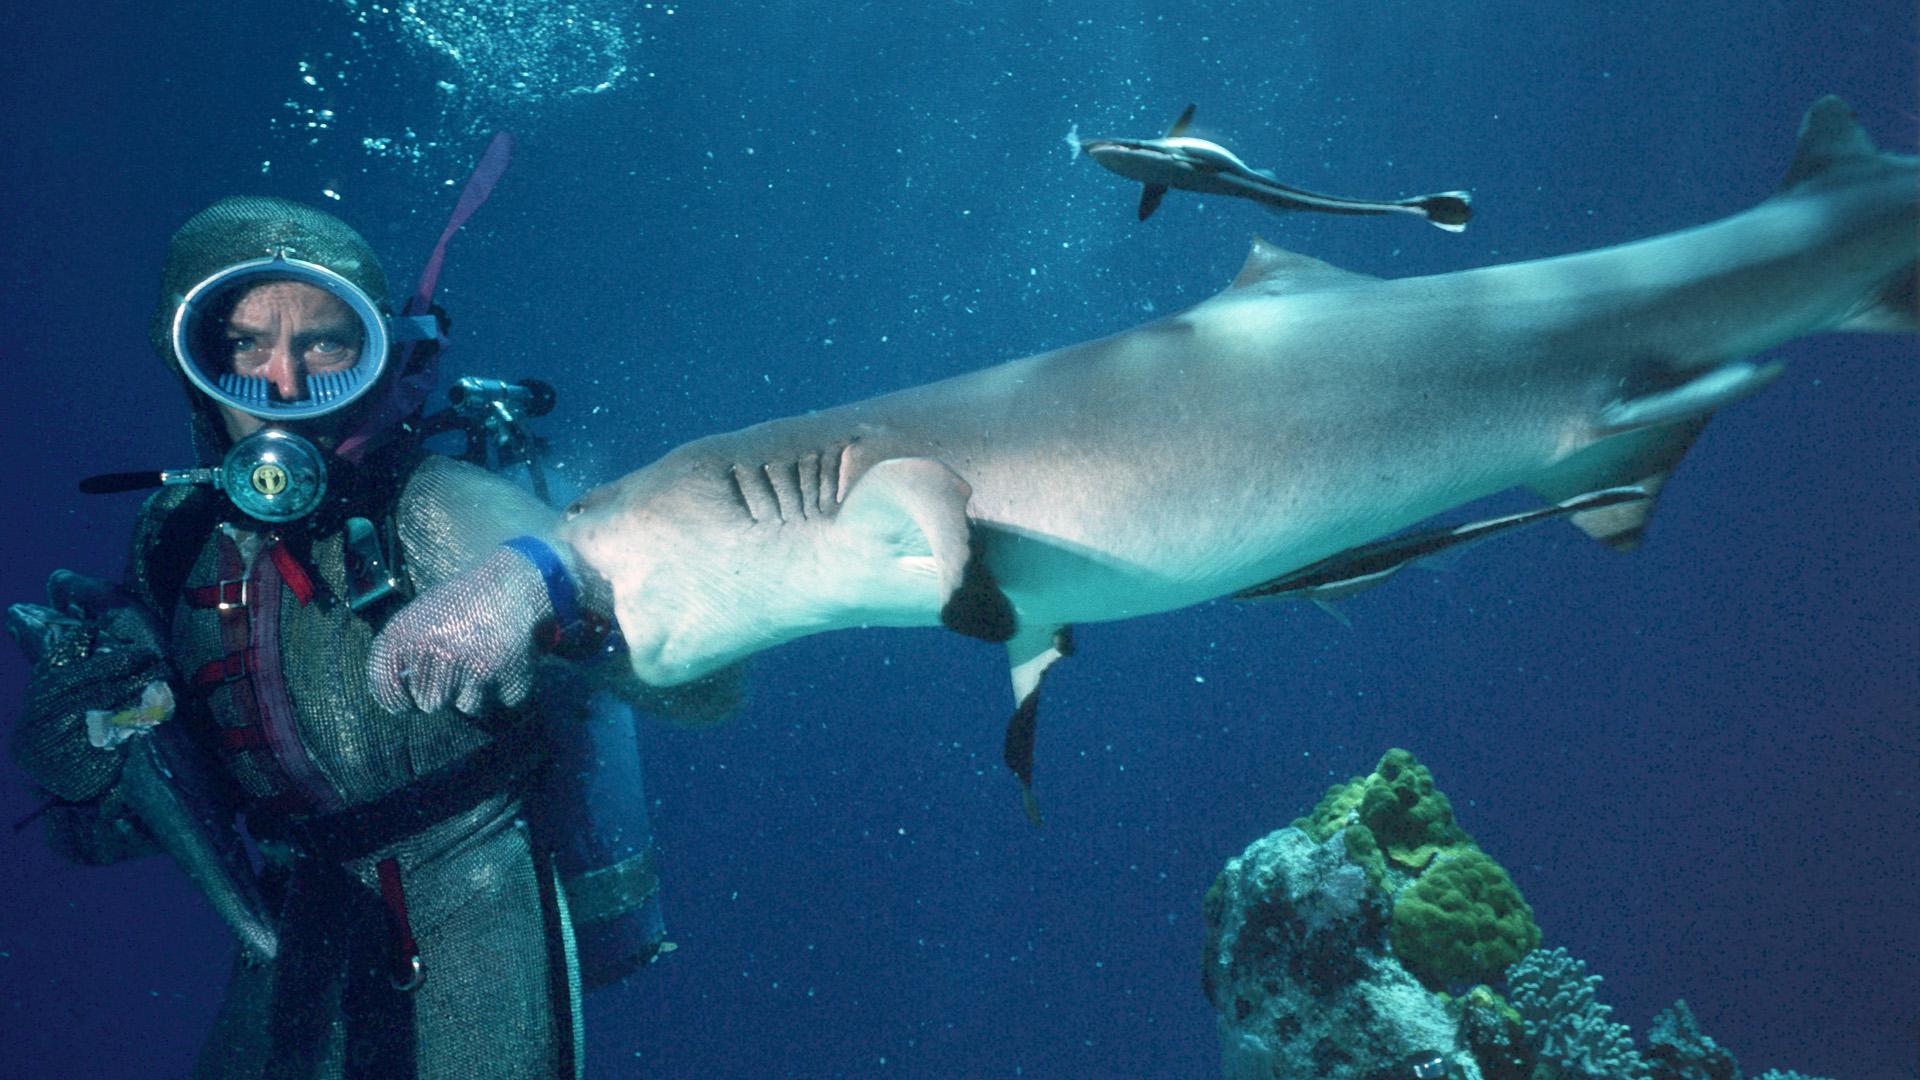 Valerie Taylor being bitten by a shark